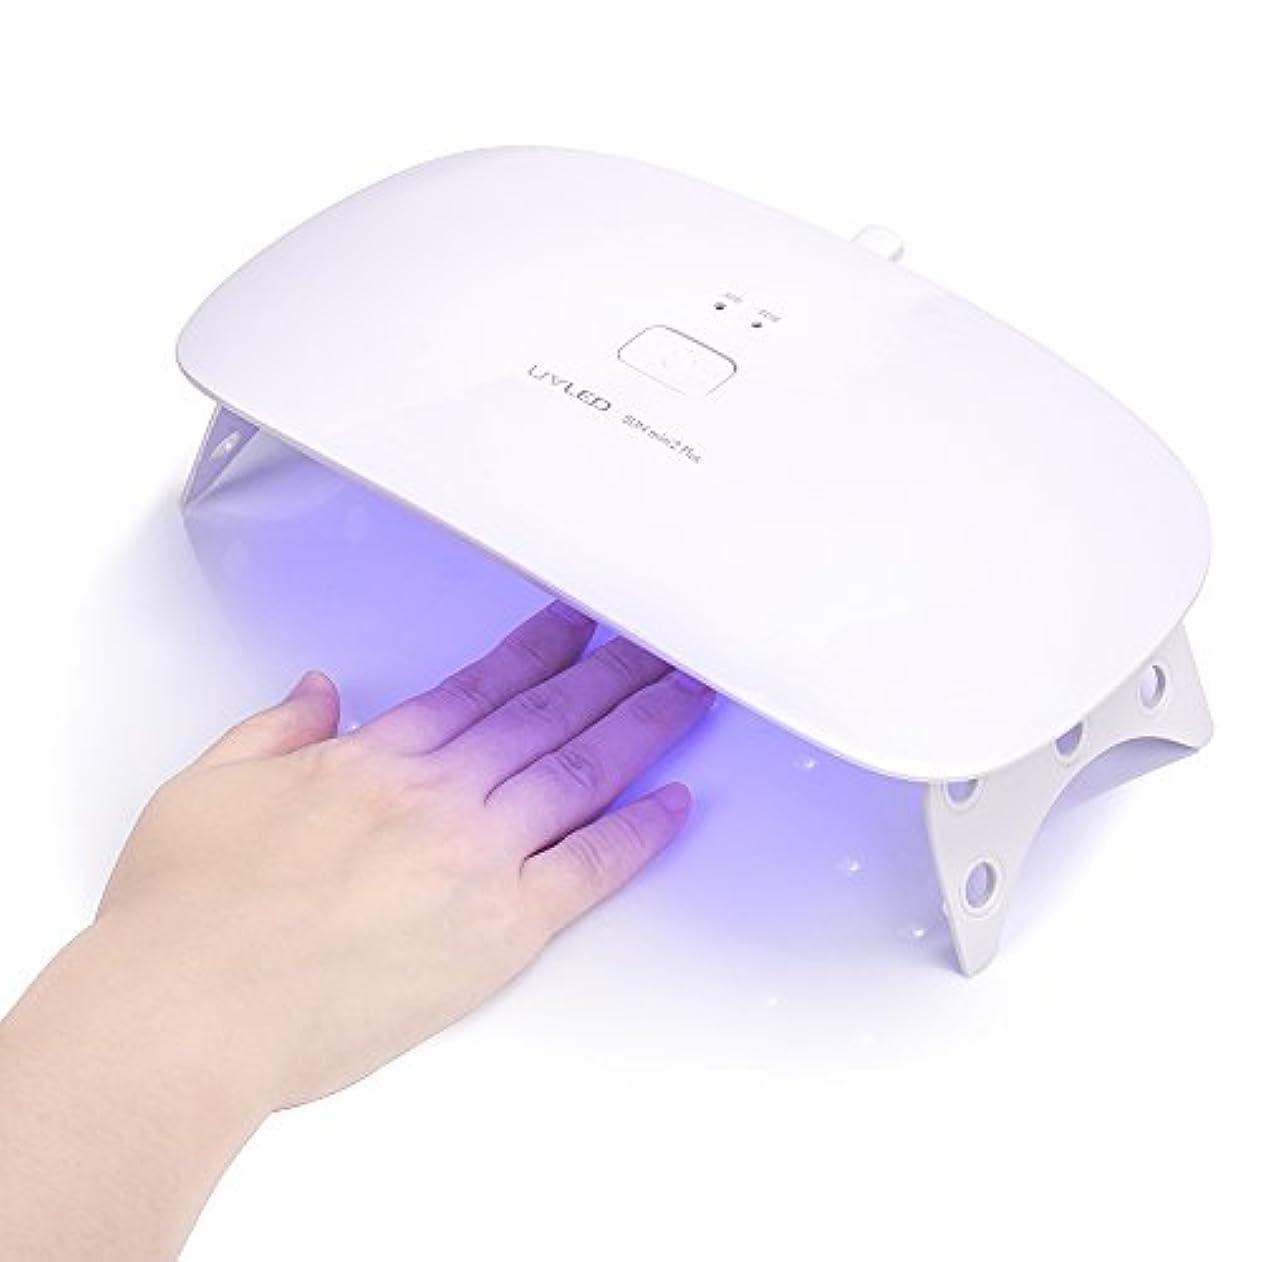 正当な呼吸分解するUV LEDネイルドライヤー硬化ランプSUN MINI 2 PLUS 24Wポータブルライトジェルマニキュア/ペディキュア用2時間30秒/ 60秒 (MINI PLUS)